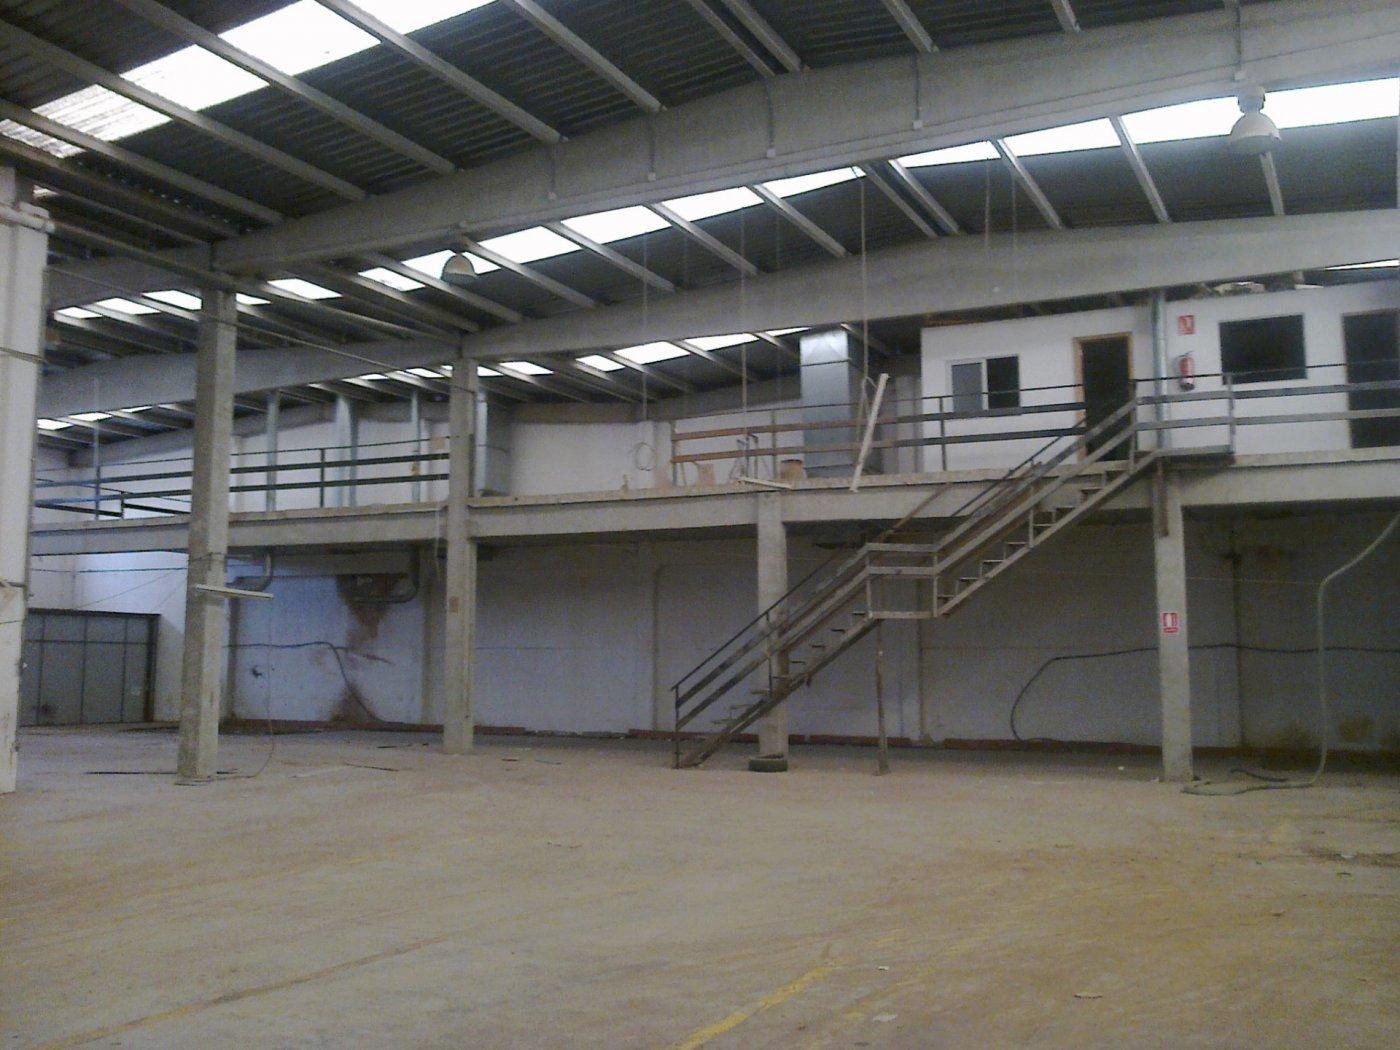 Location Bâtiment à usage industriel  Alaquas ,pol. ind. bovalar. Nave industrial en alquiler